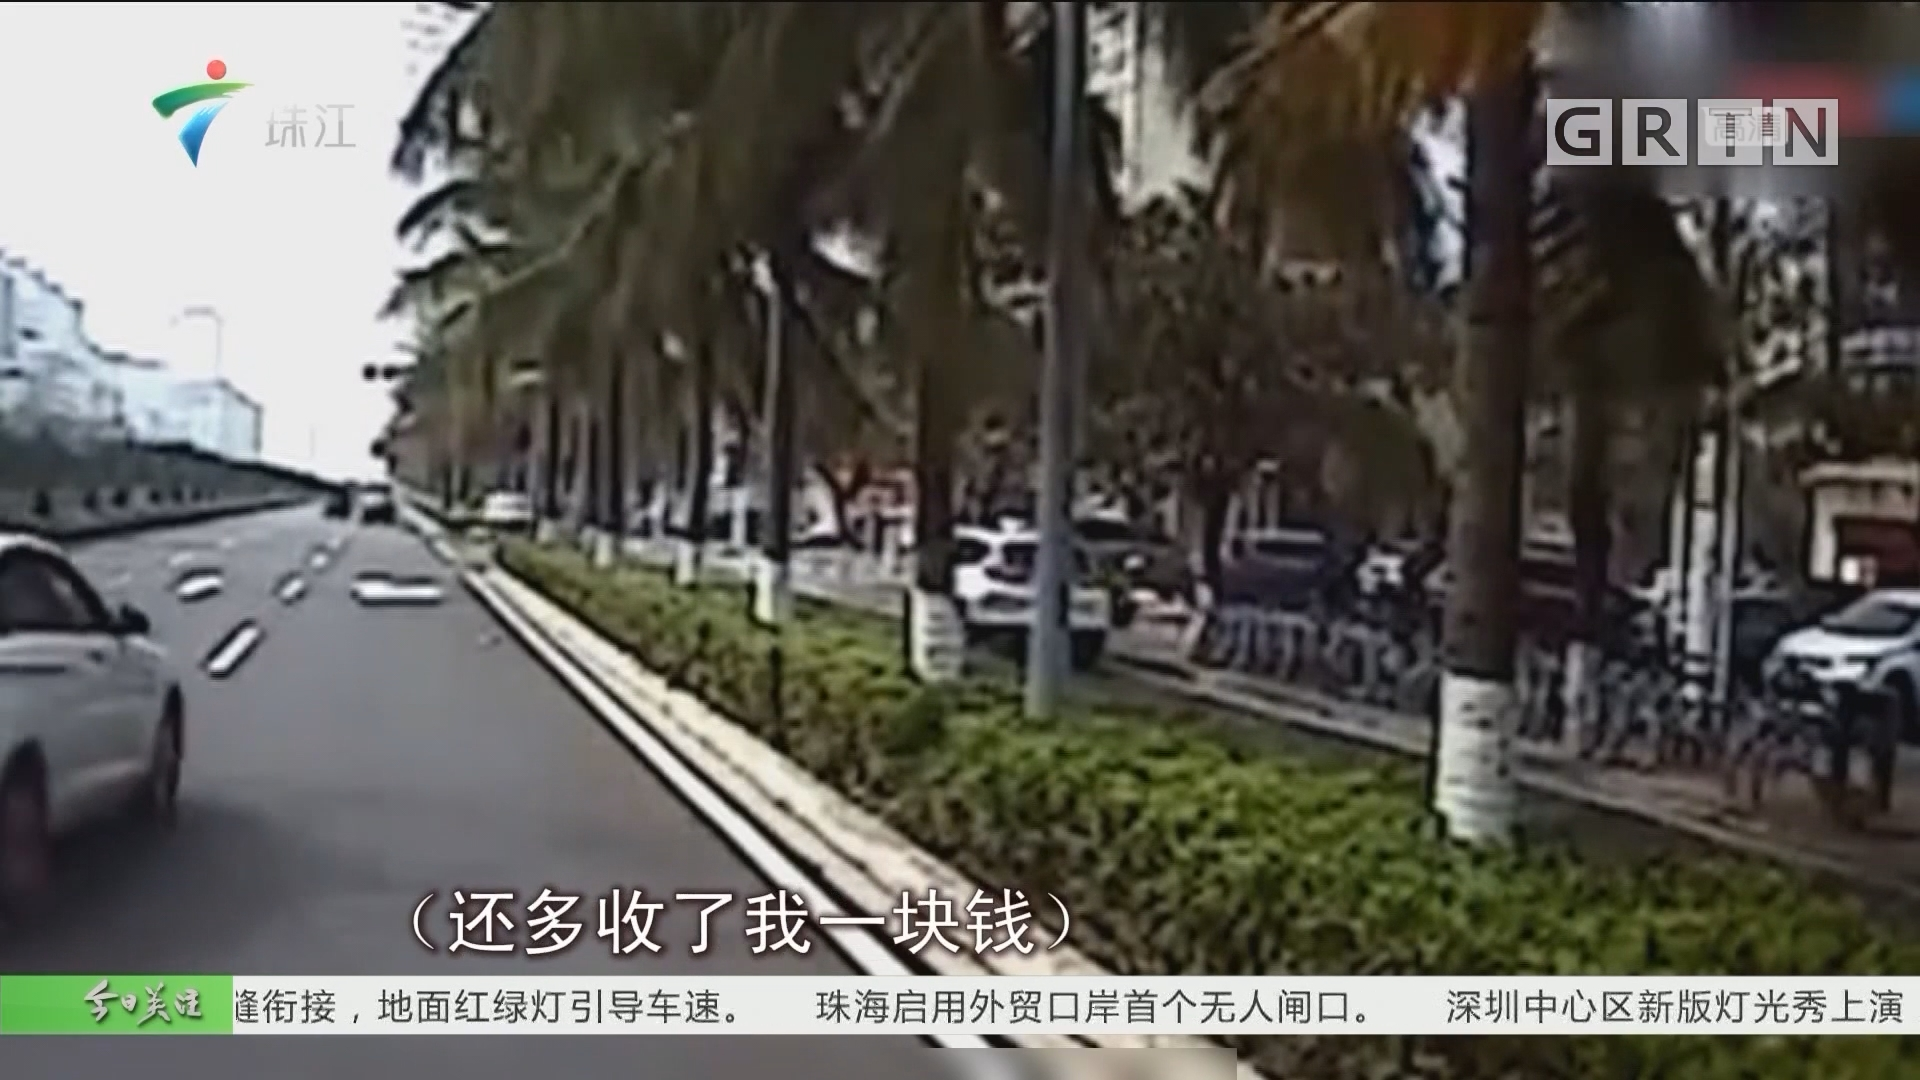 网闻:女乘客掌掴公交司机被判刑